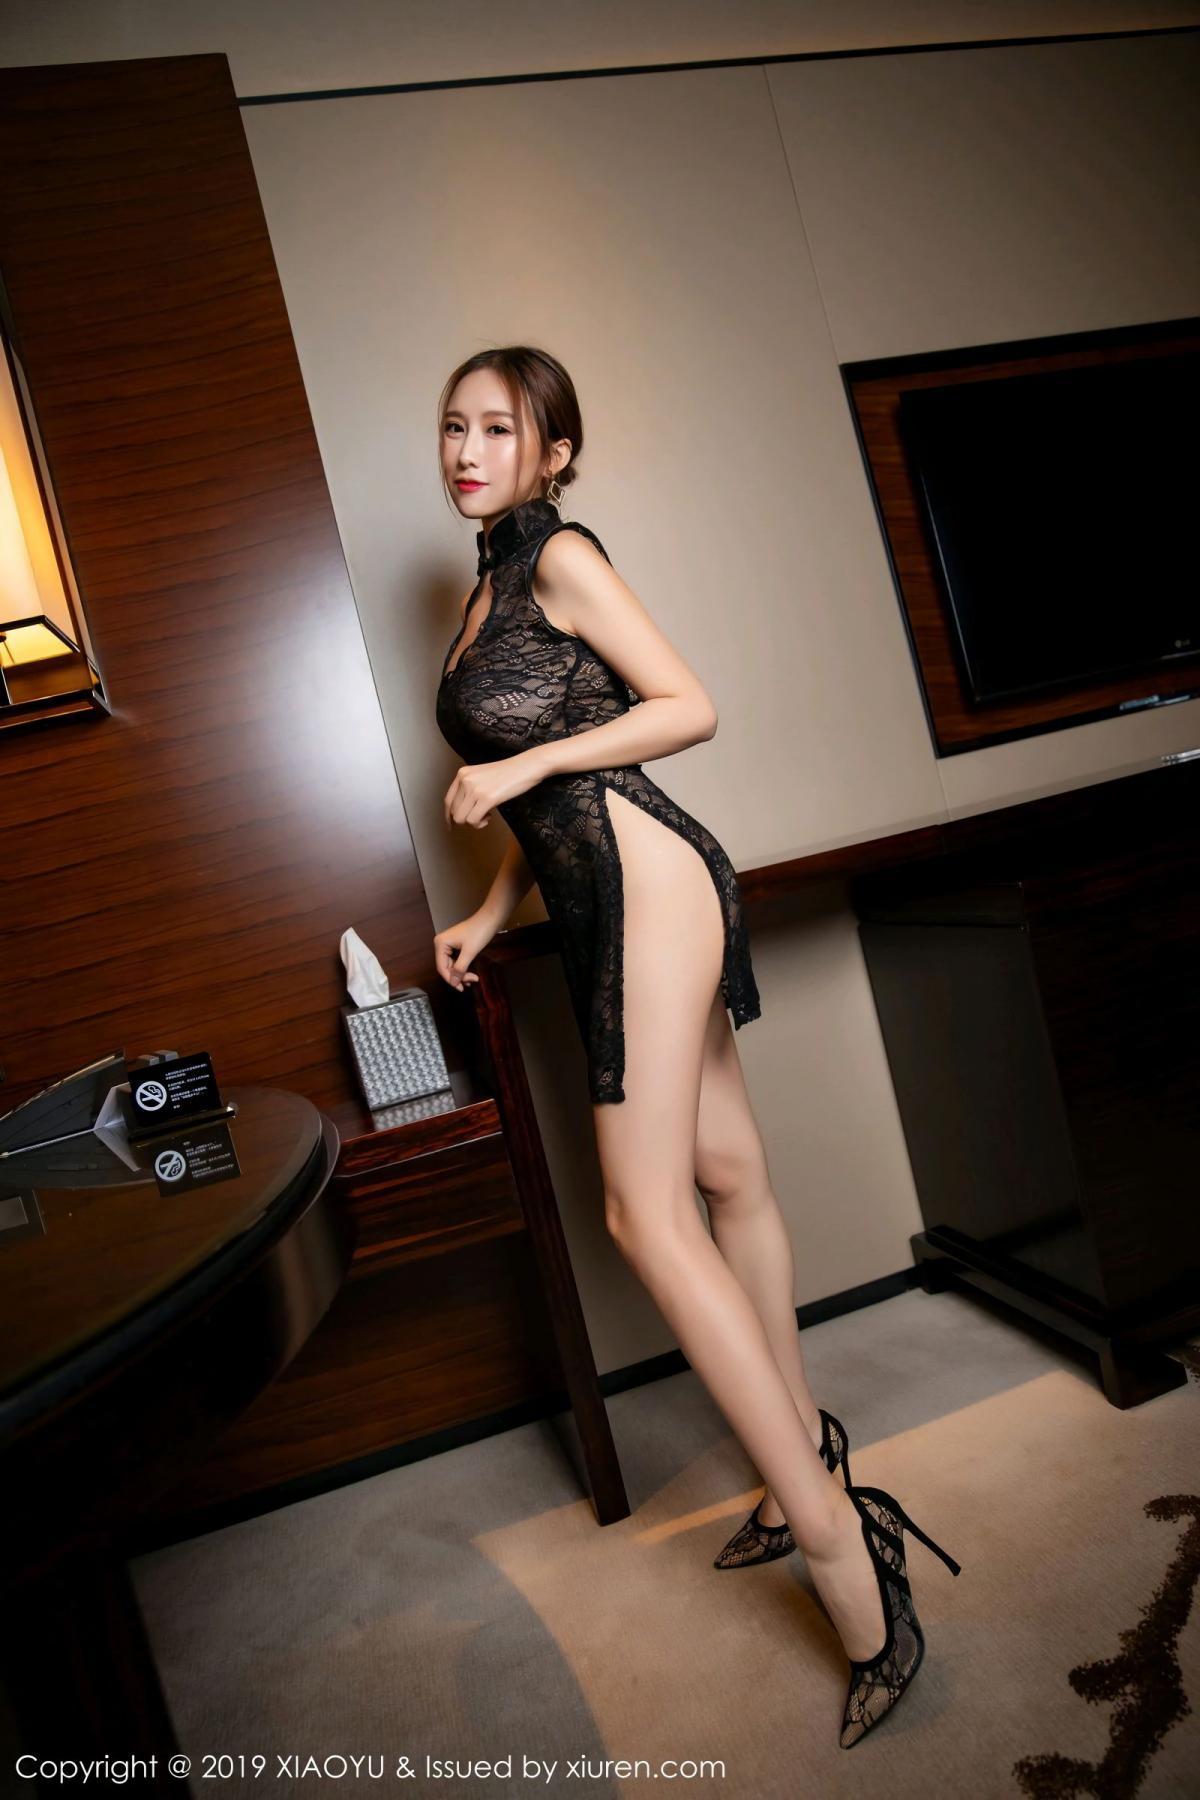 [XiaoYu] Vol.108 Yue Yin Tong 7P, Underwear, XiaoYu, Yue Yin Tong